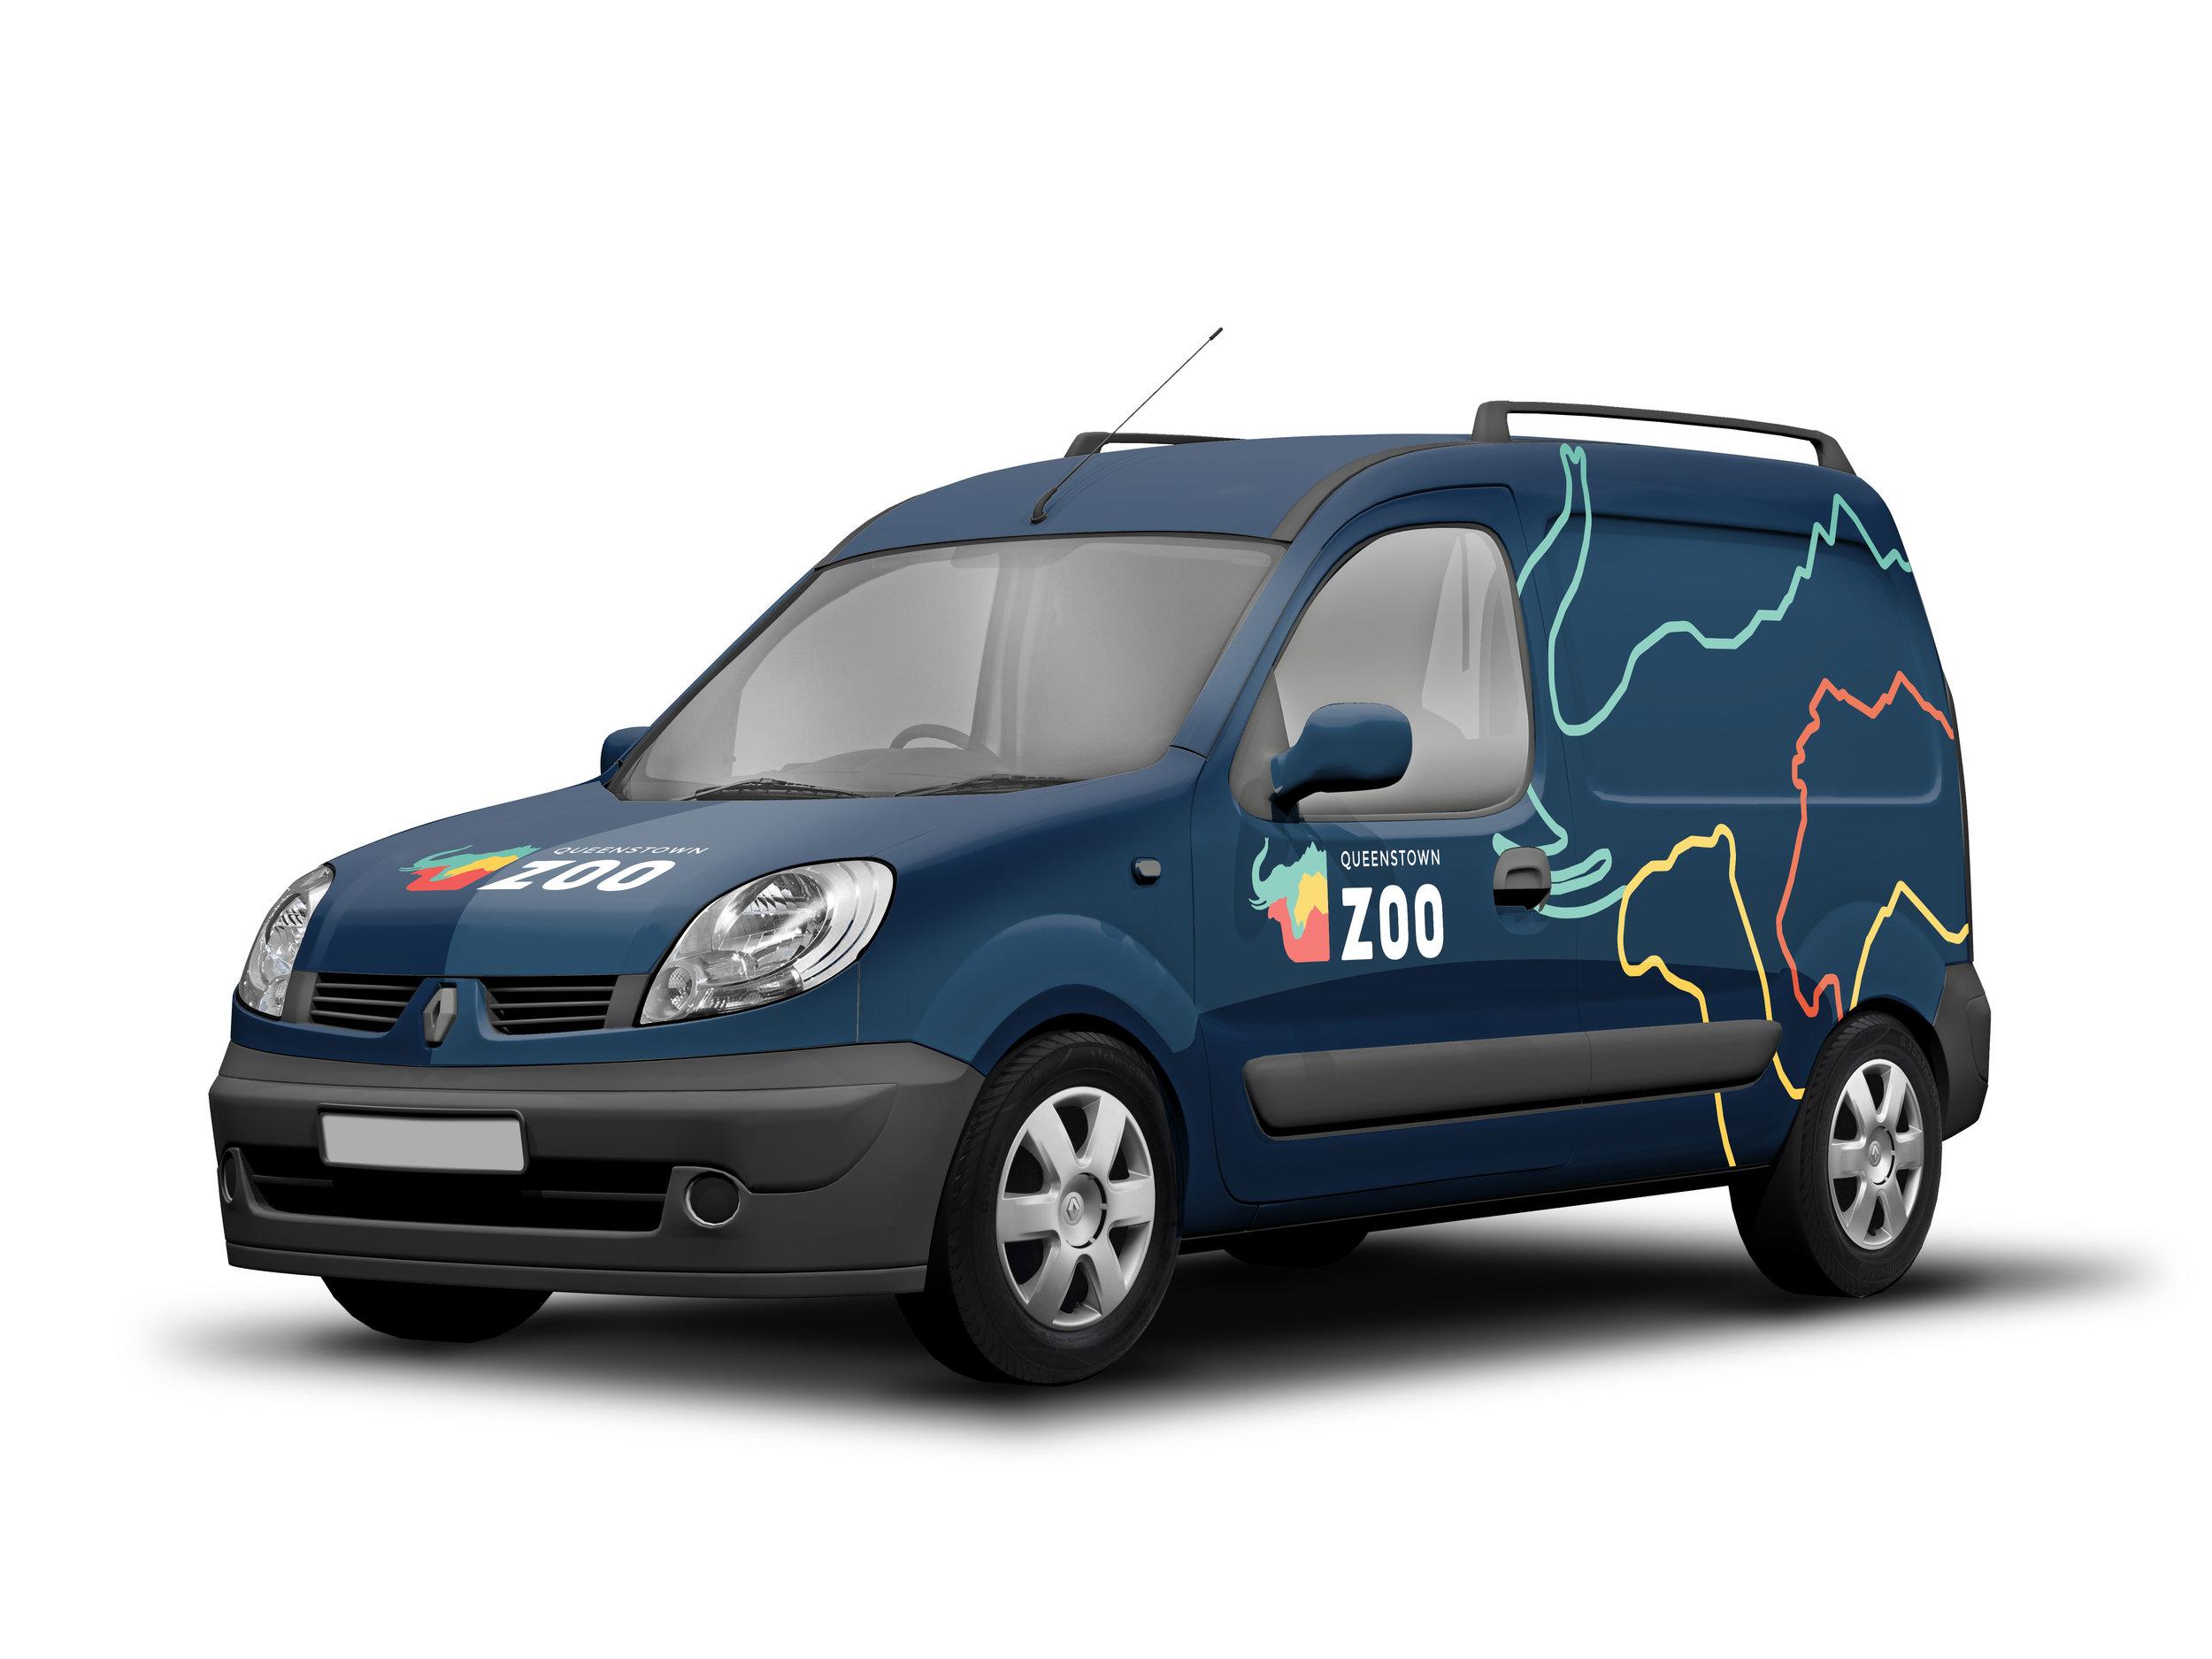 Vehicle Branding Mockup